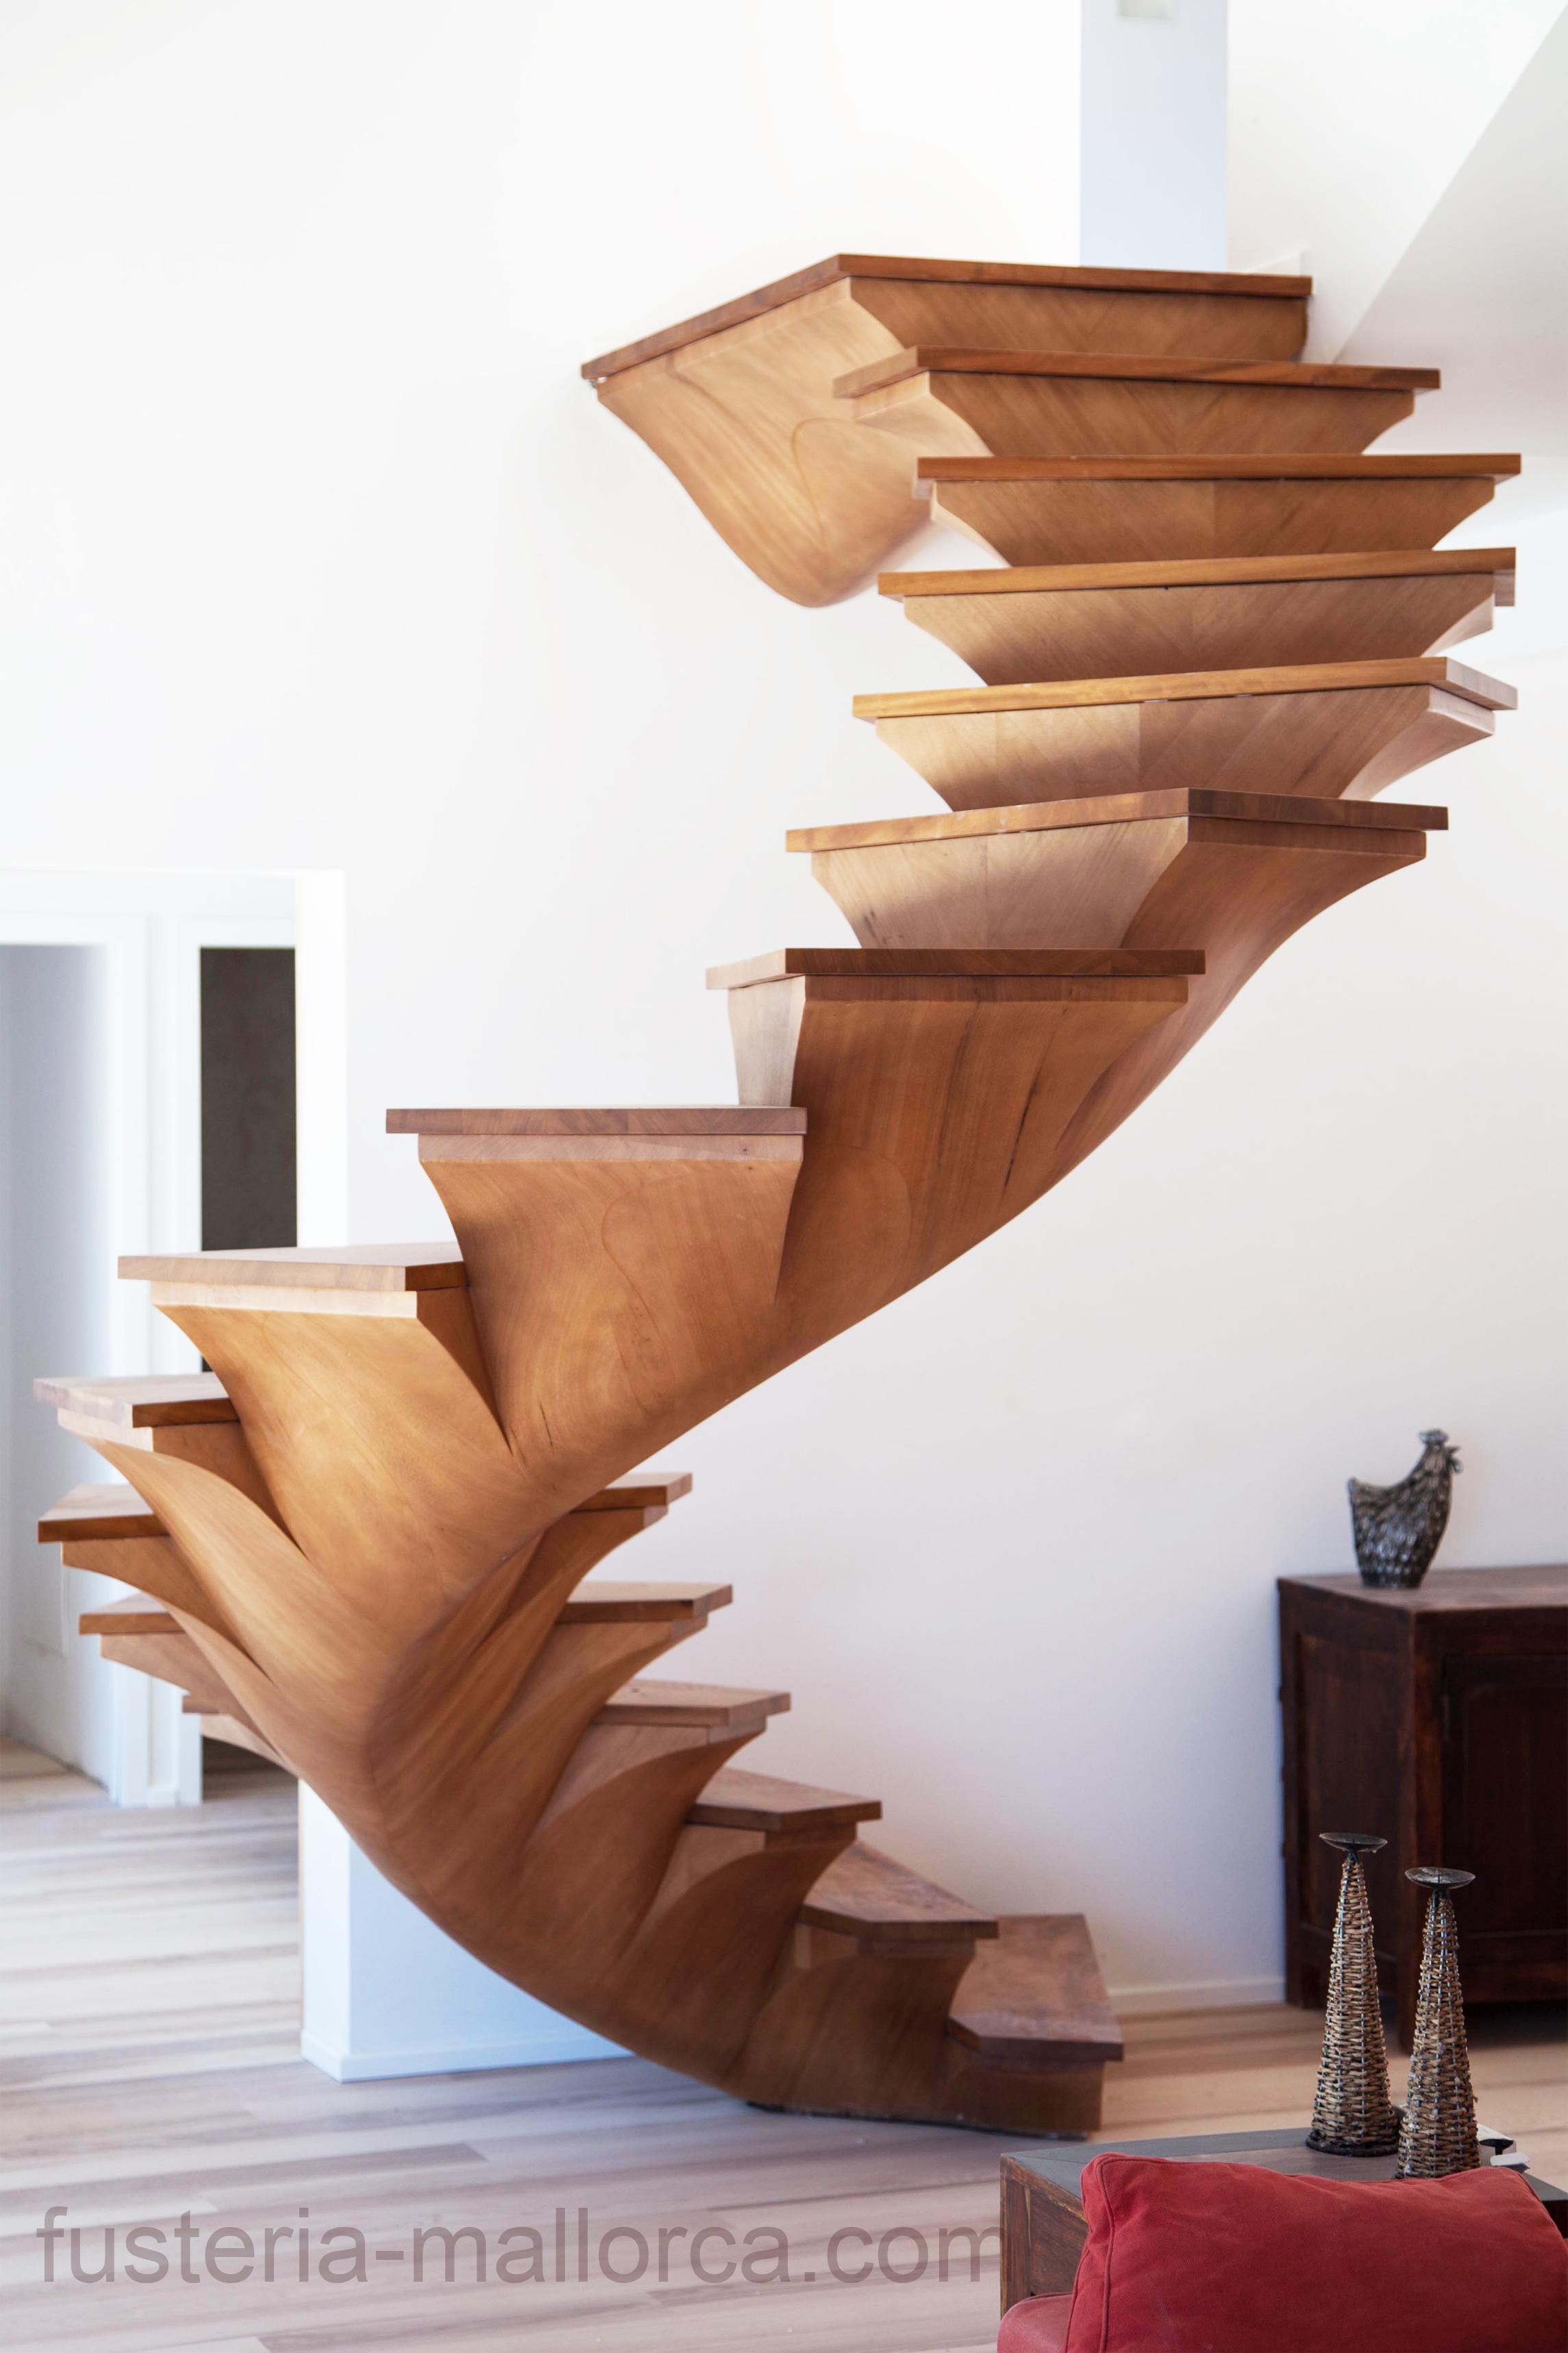 #wood #art #design #holz #kunst #design #madera #arte #staircase #wendeltreppe #escalera